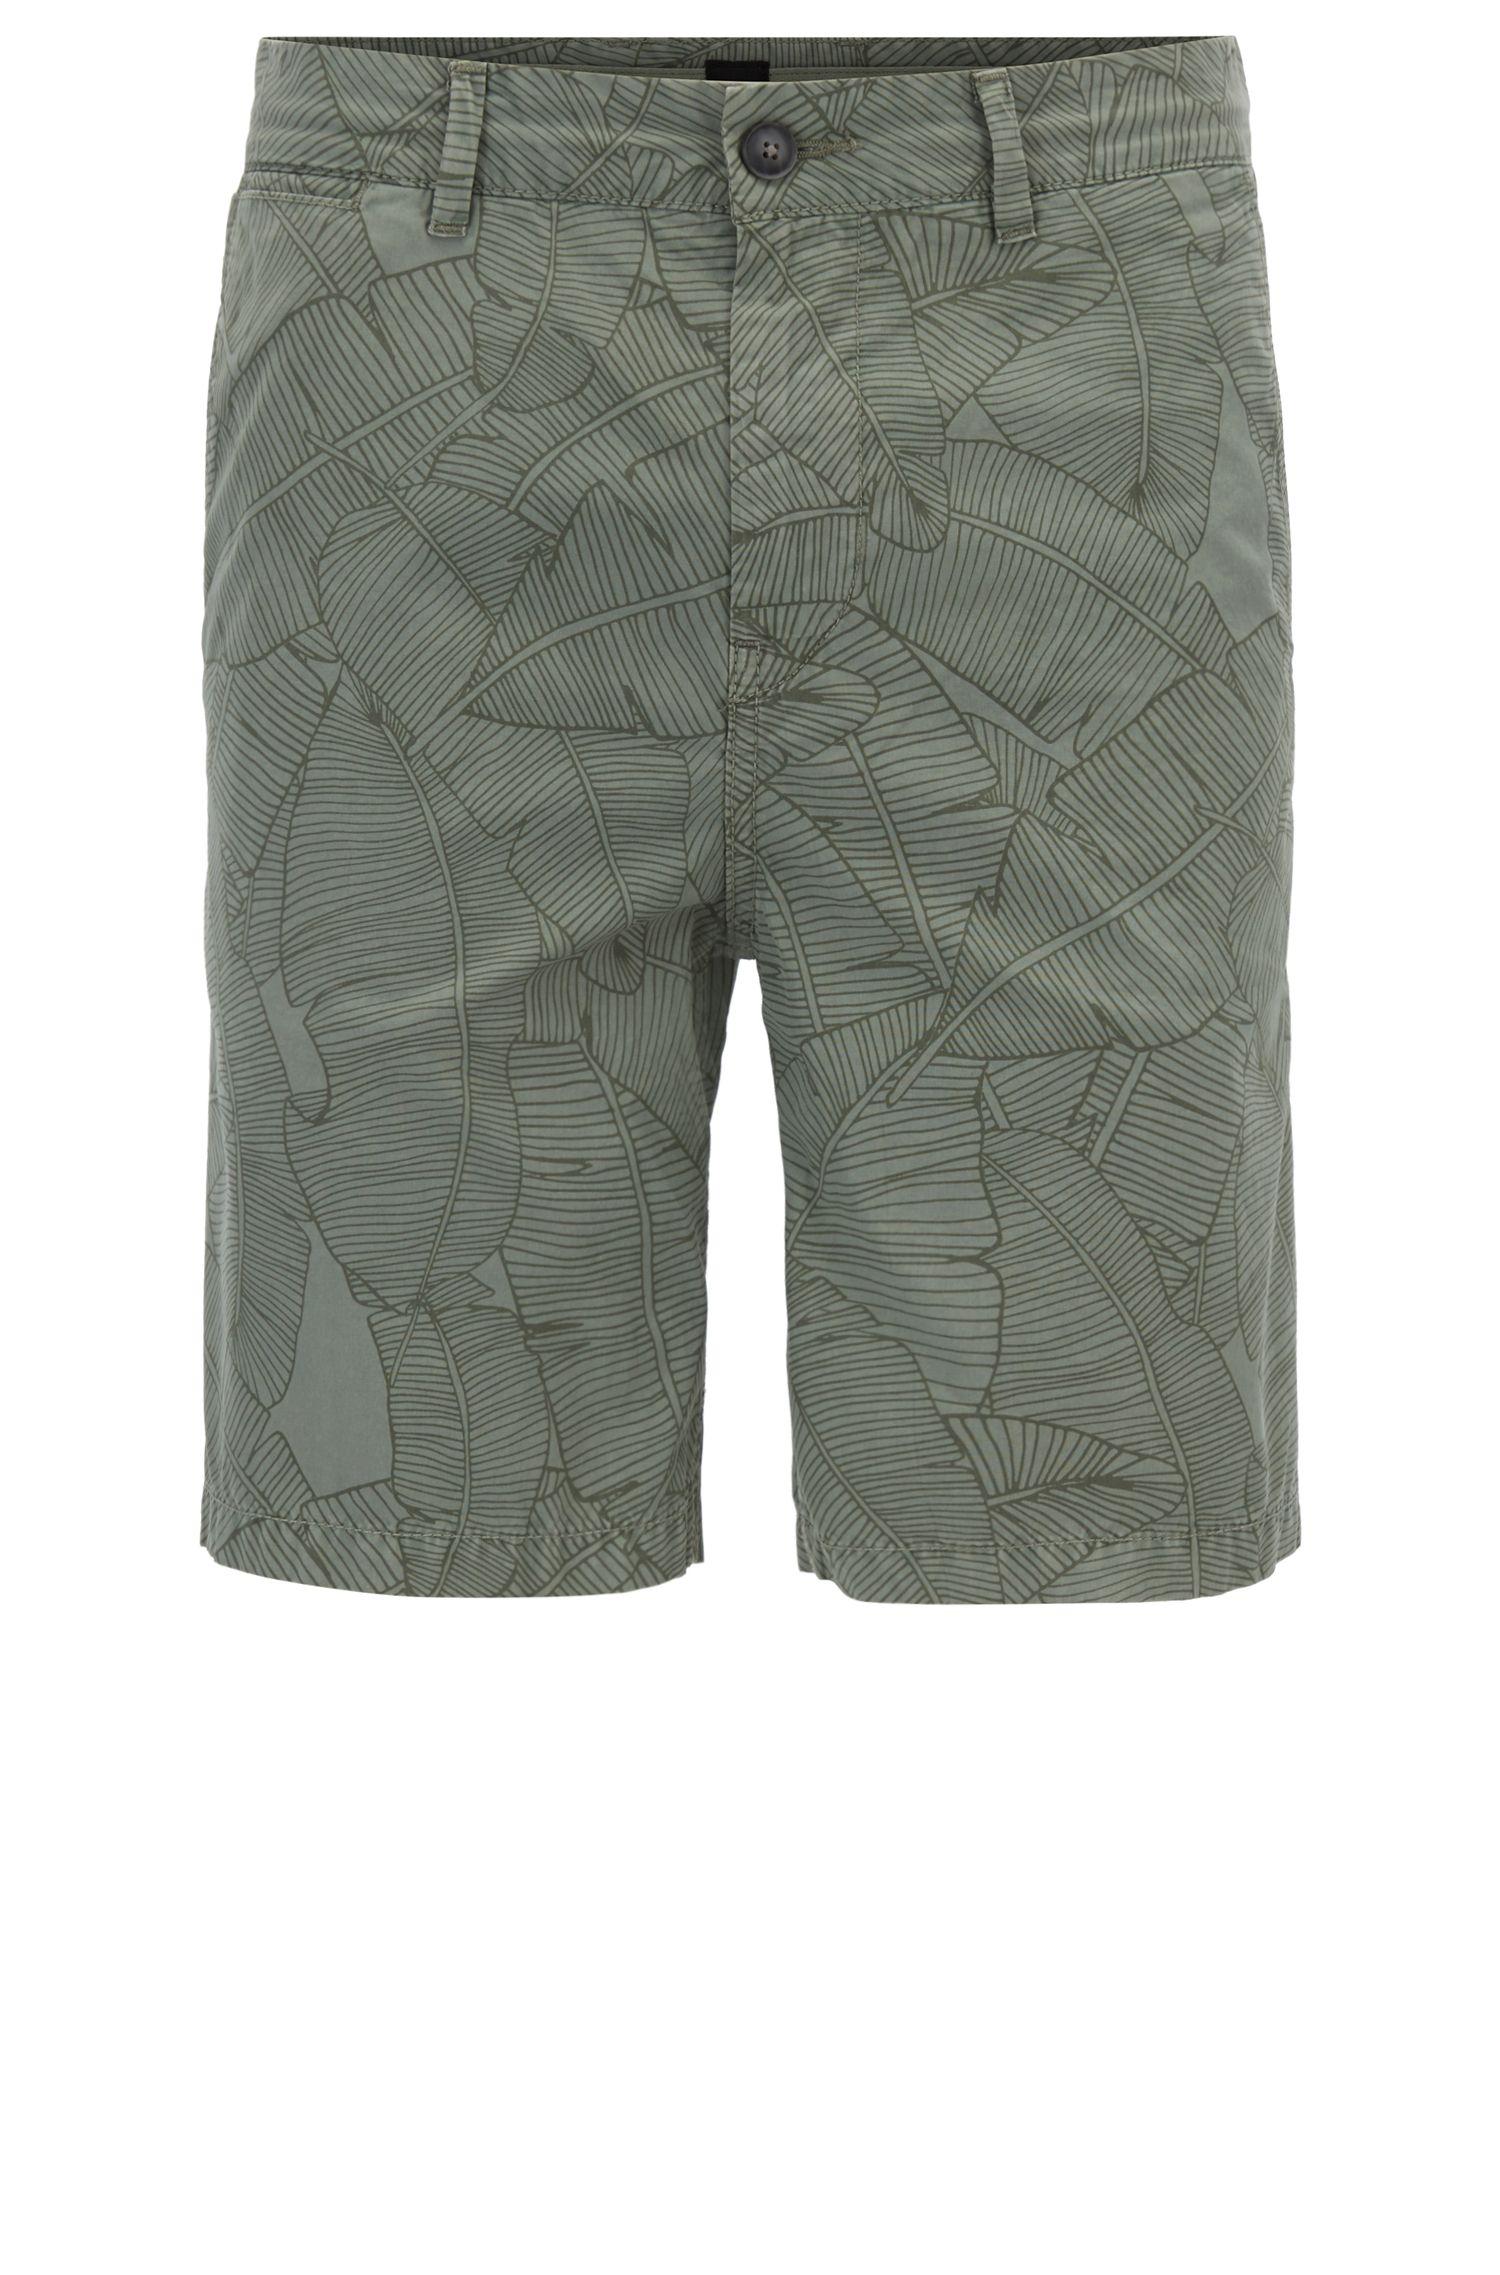 Shorts de algodón tapered fit con estampado de hoja de banano